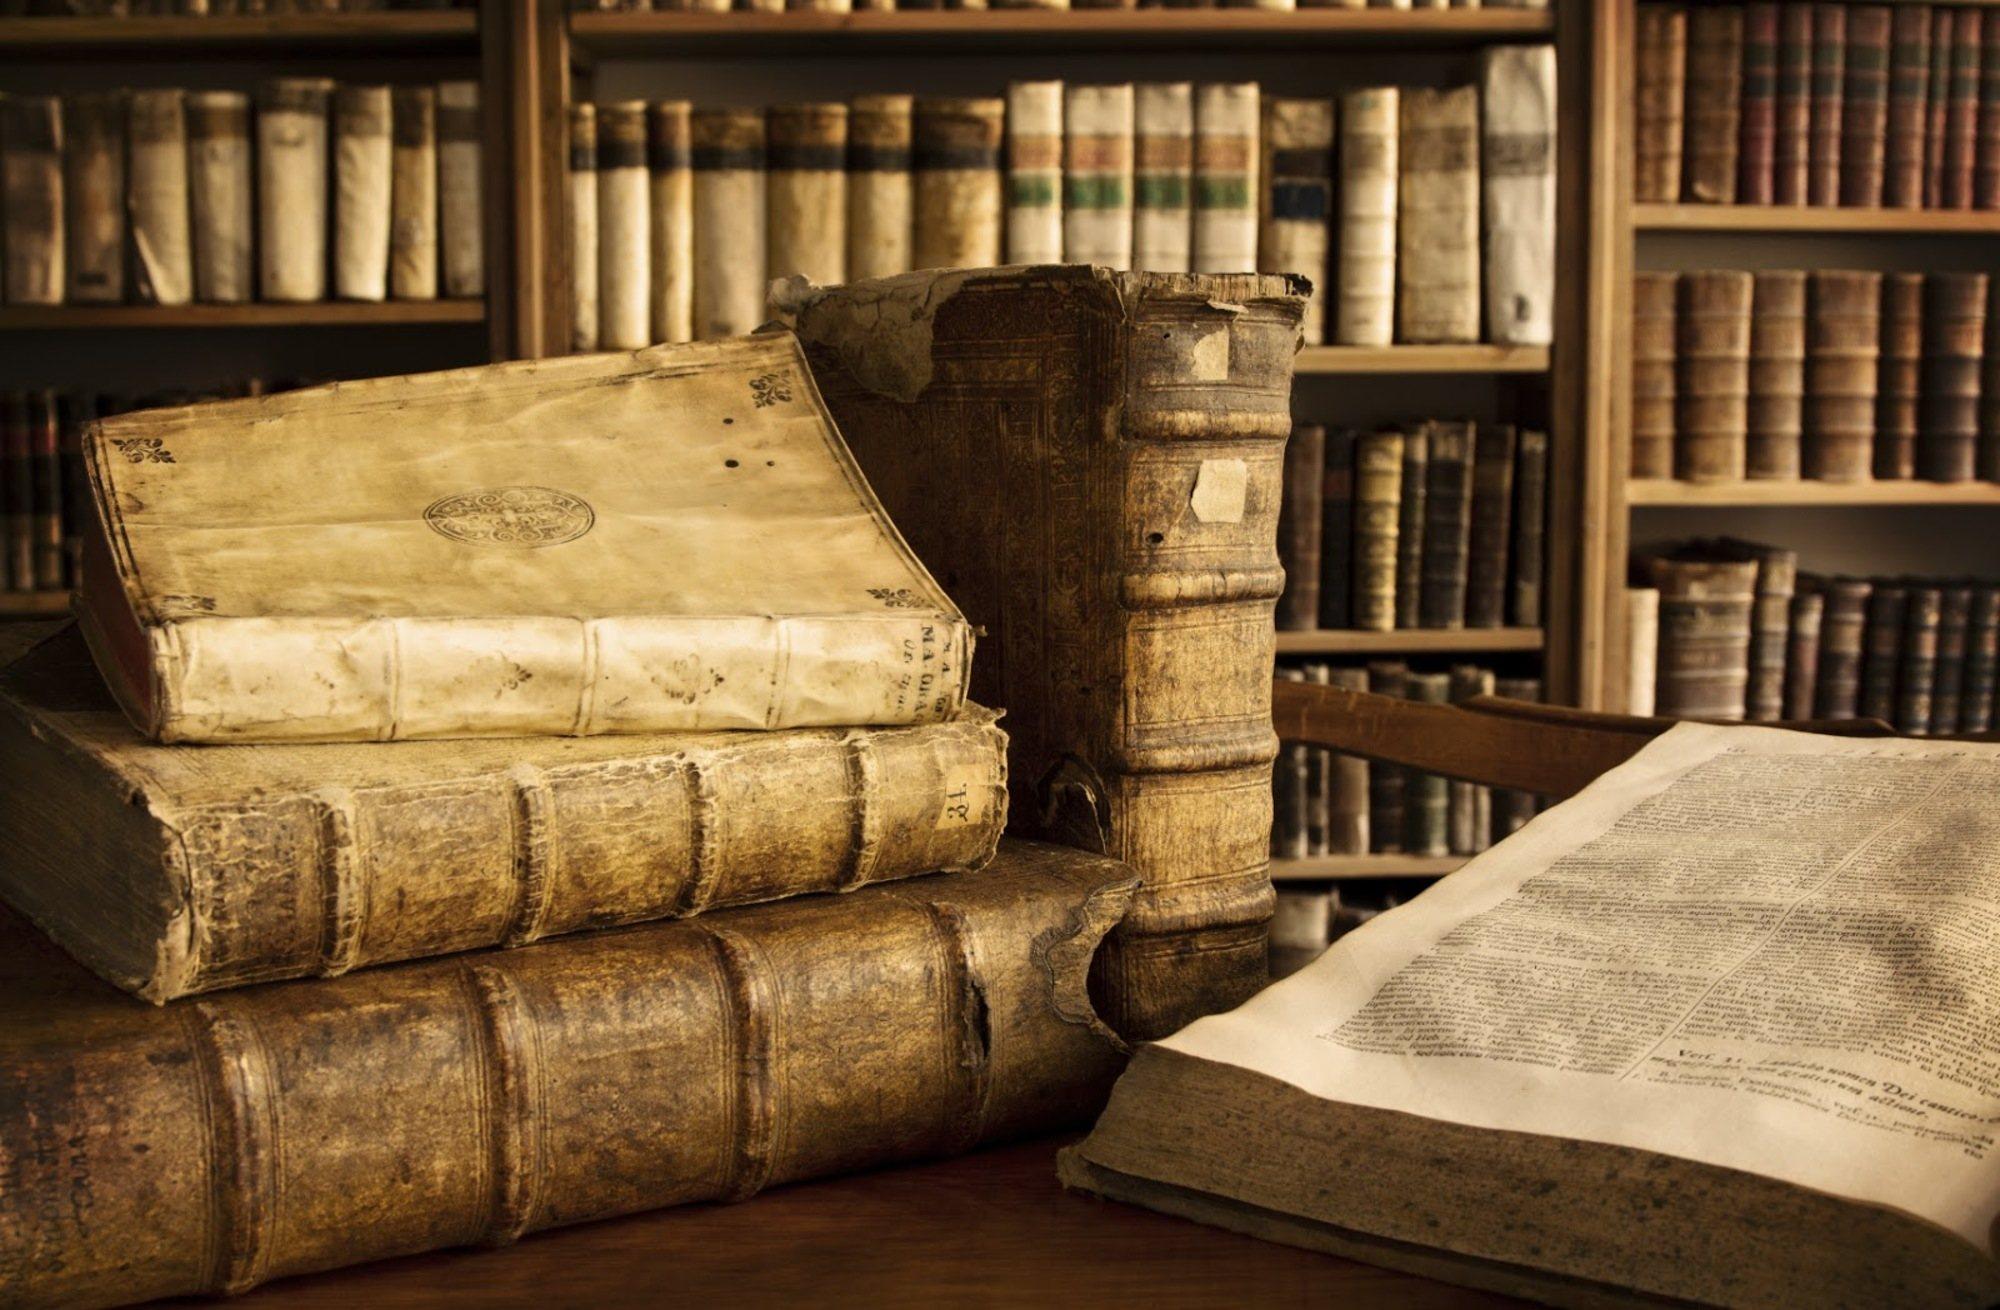 Старинные книги картинка фон